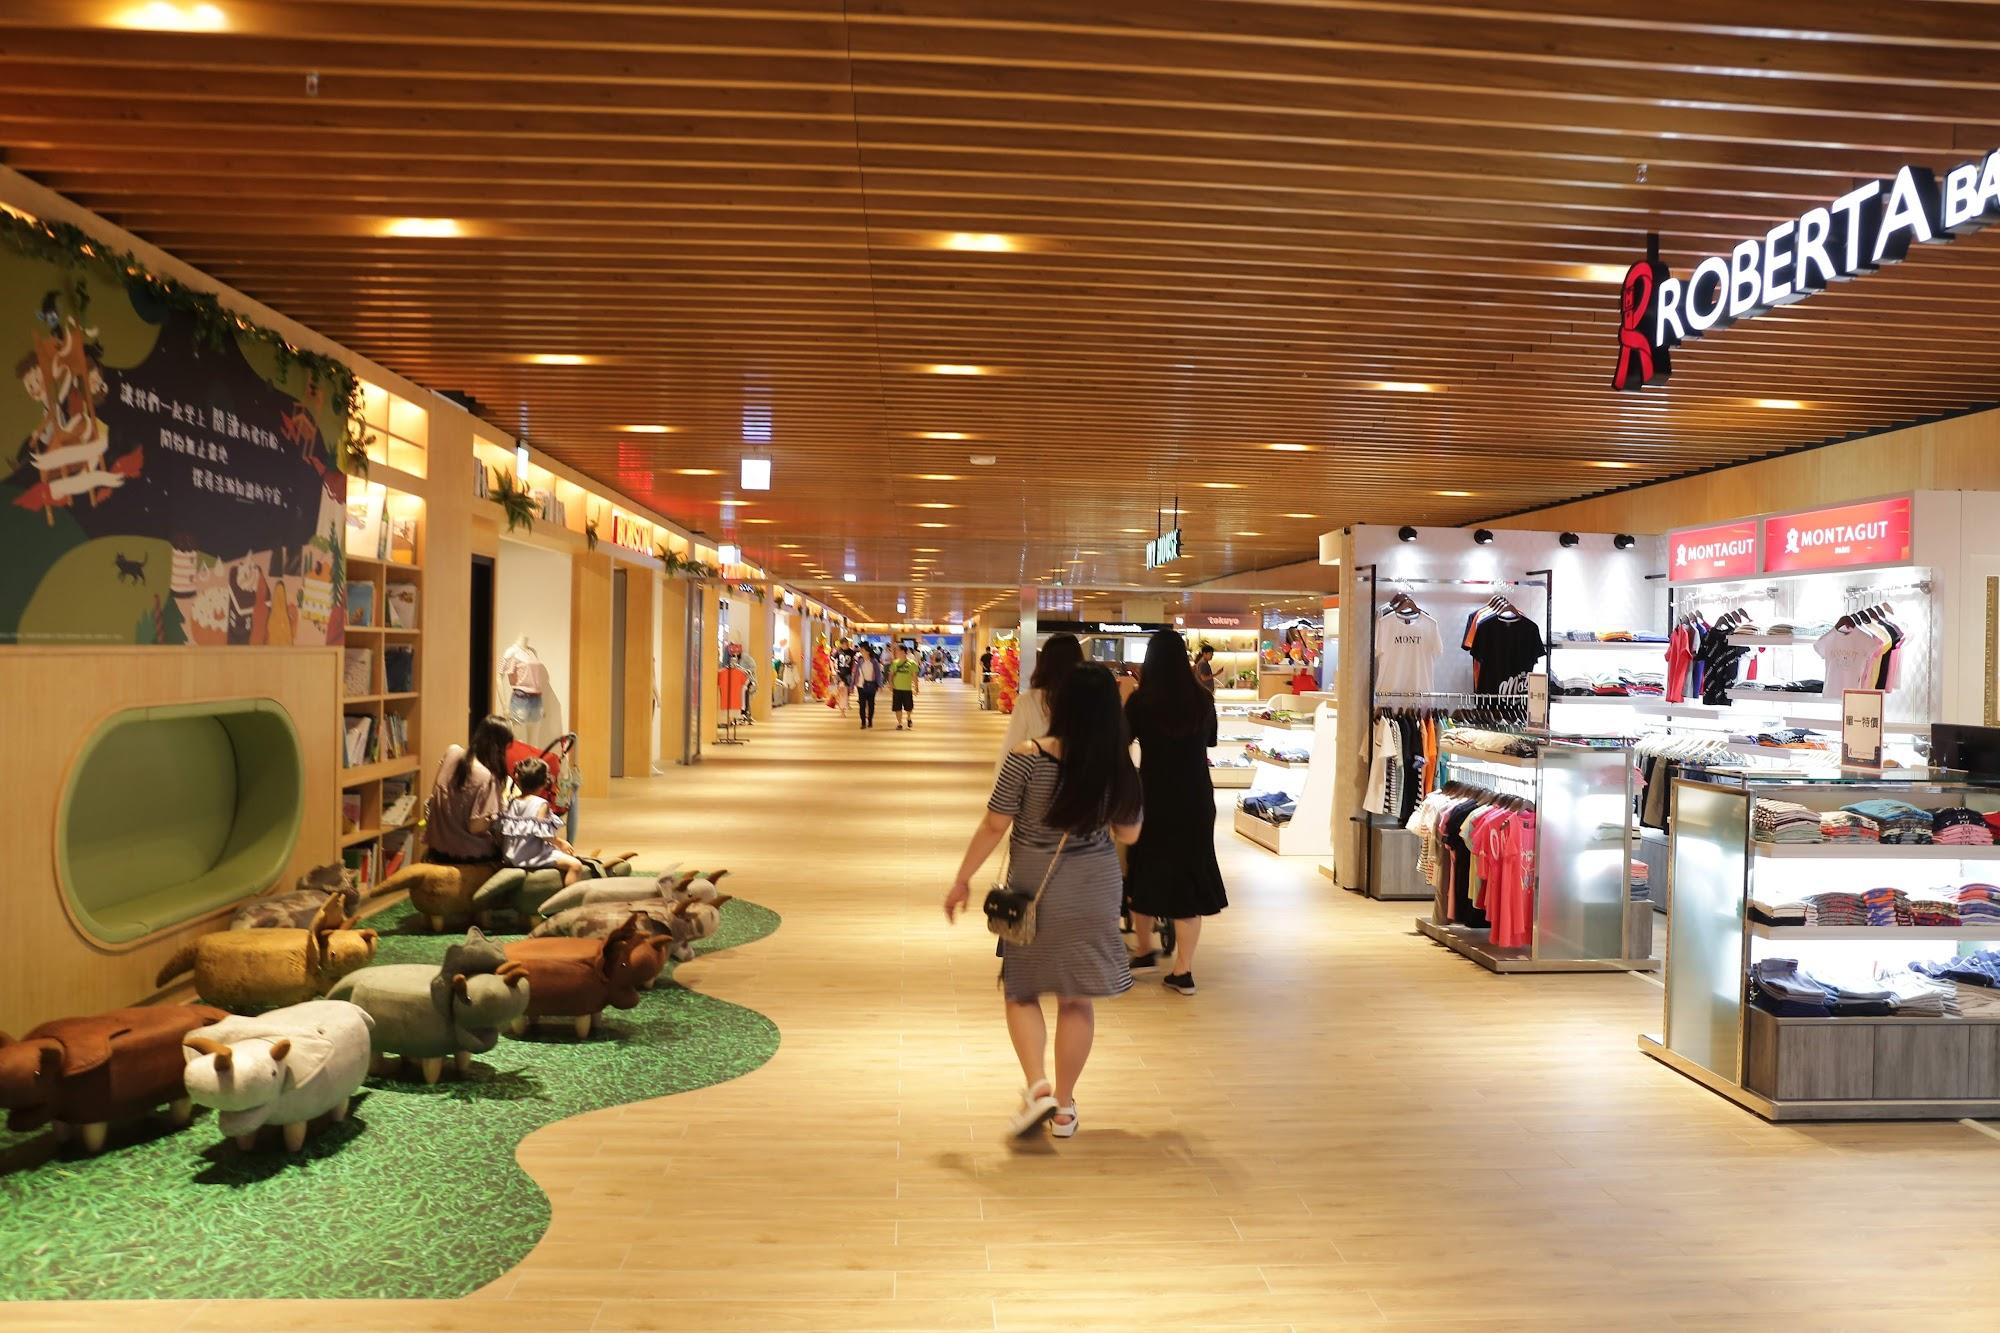 走廊很寬敞,很適合遛小孩...不過店面的話,並不像百貨公司那樣的有名氣喔